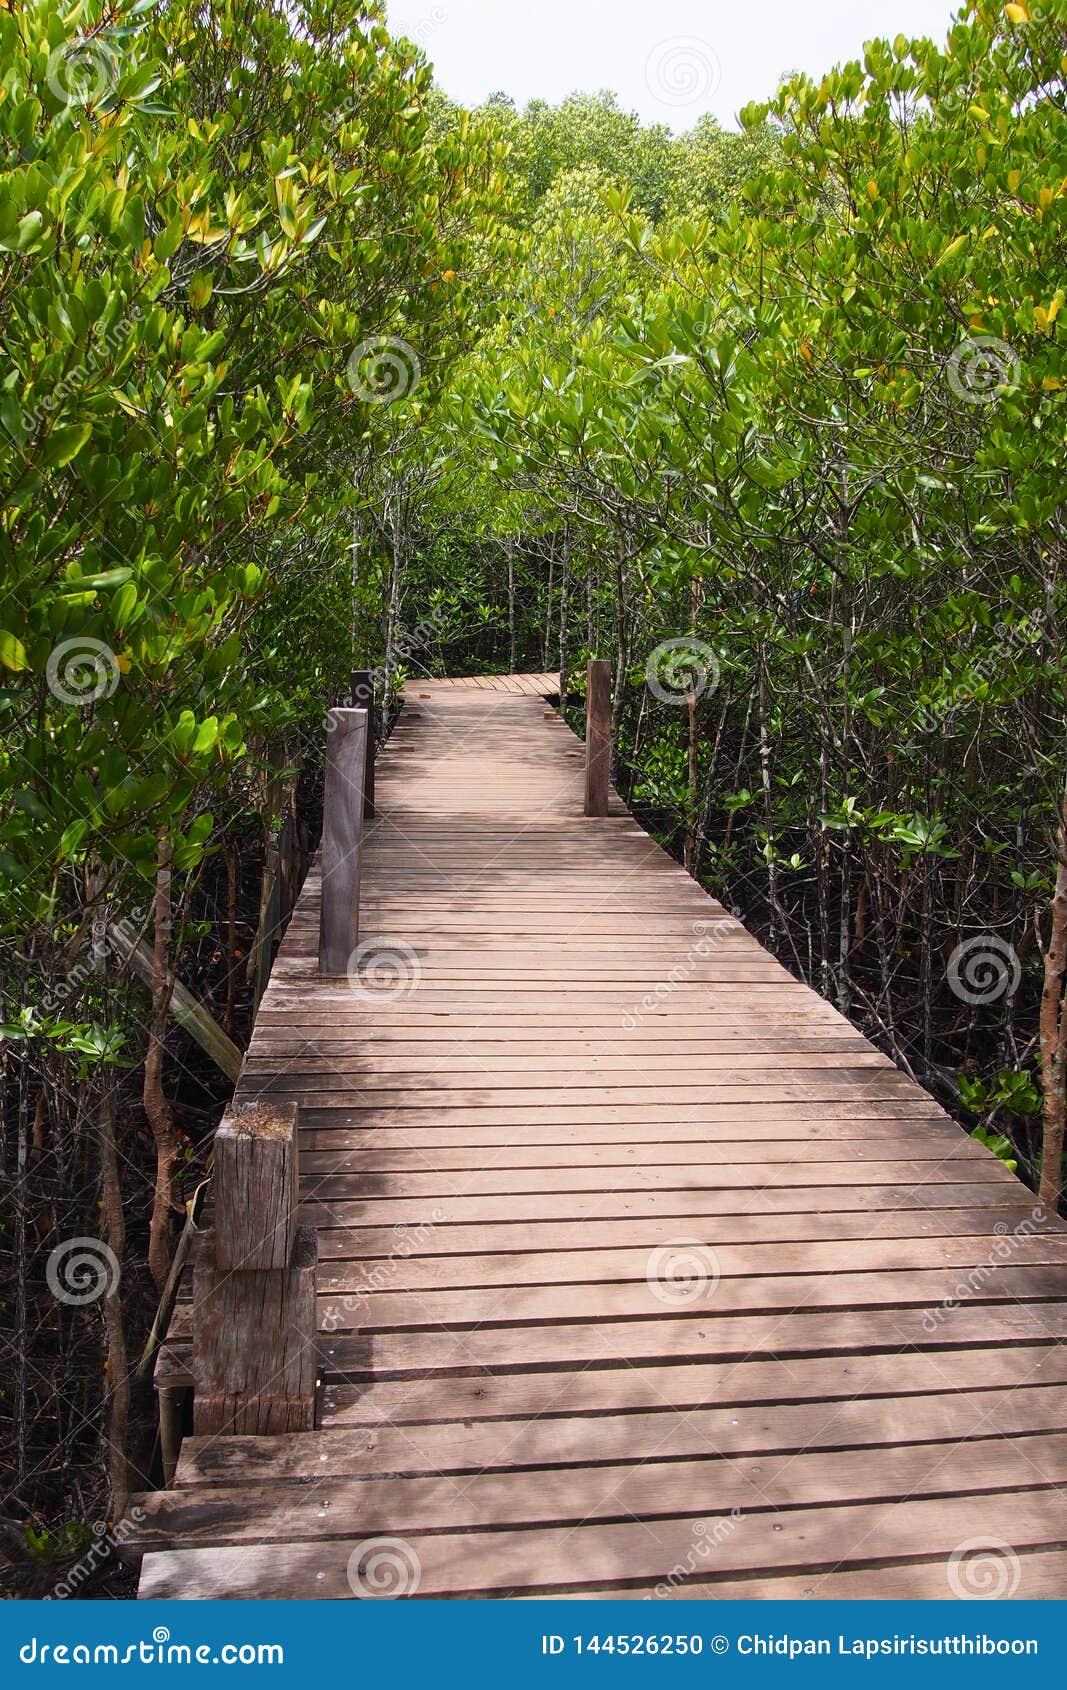 Ξύλινη γέφυρα για μια πορεία μέσω του φυσικού δάσους μαγγροβίων, για το φυσικό υπόβαθρο